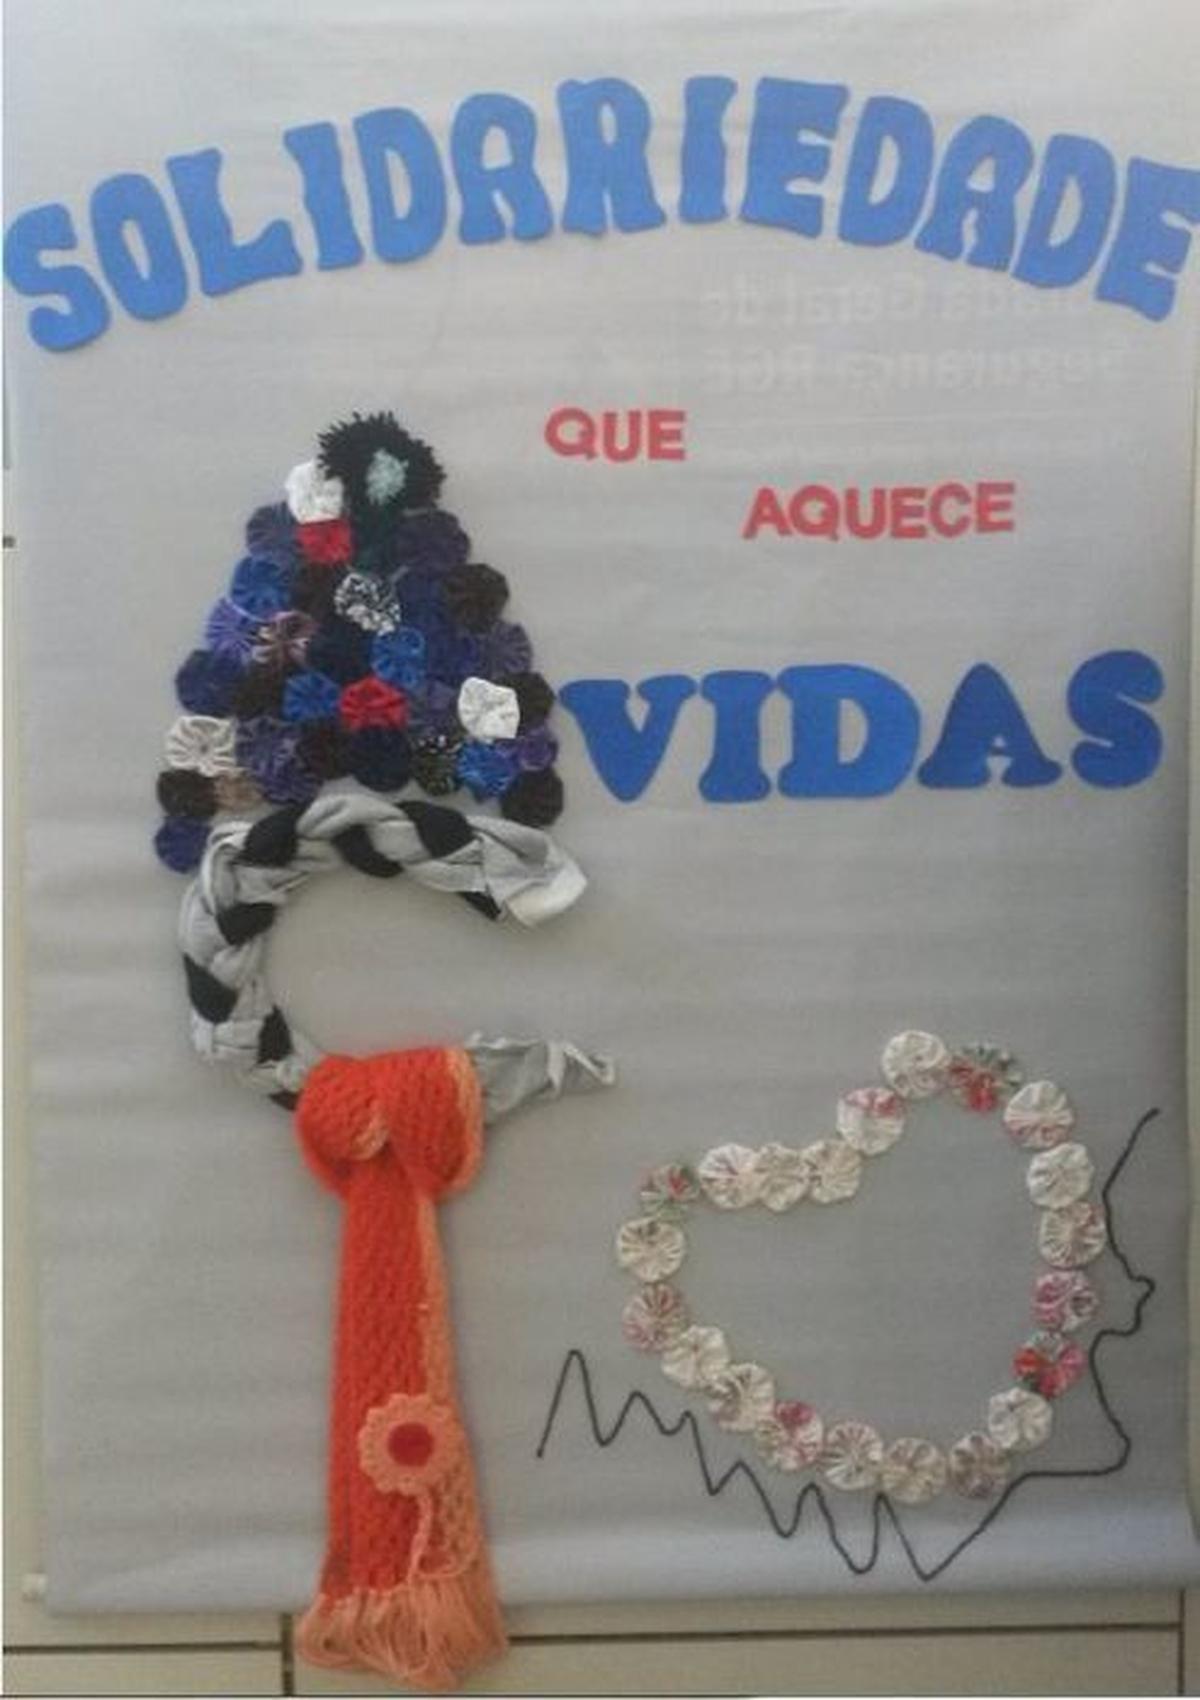 Solidariedade que Aquece Vidas - ACPM e Escola Pedro Flores